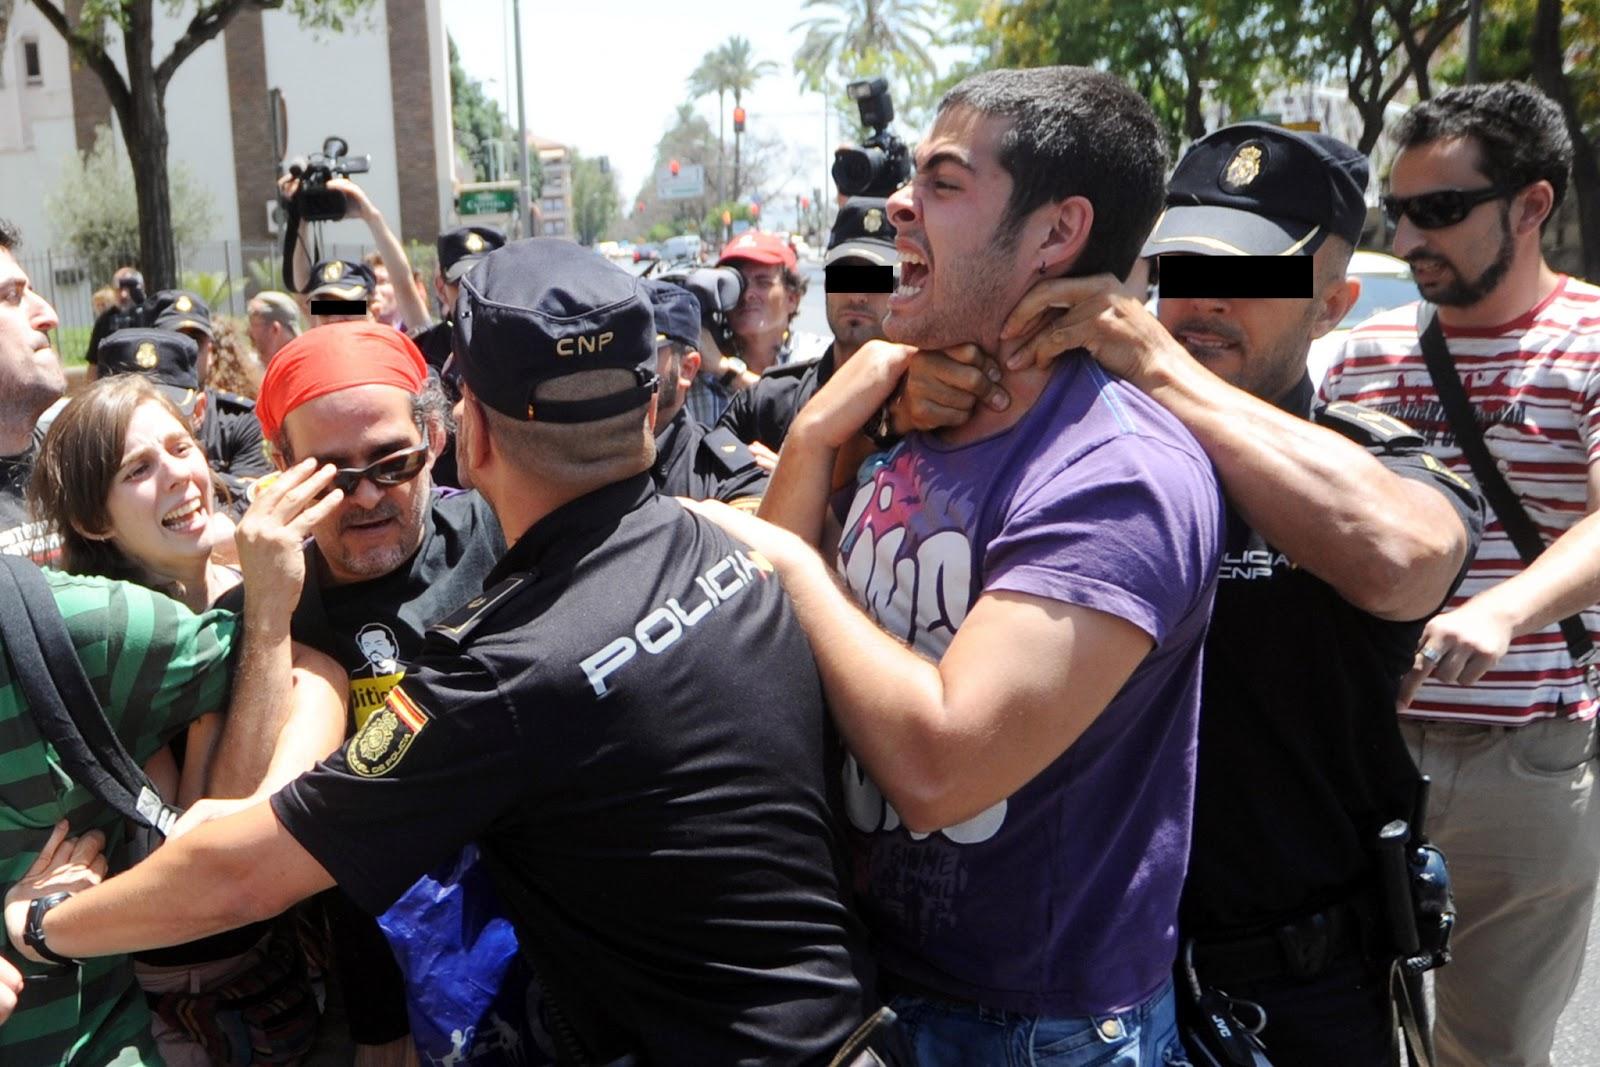 La represión, el verdadero lenguaje del poder